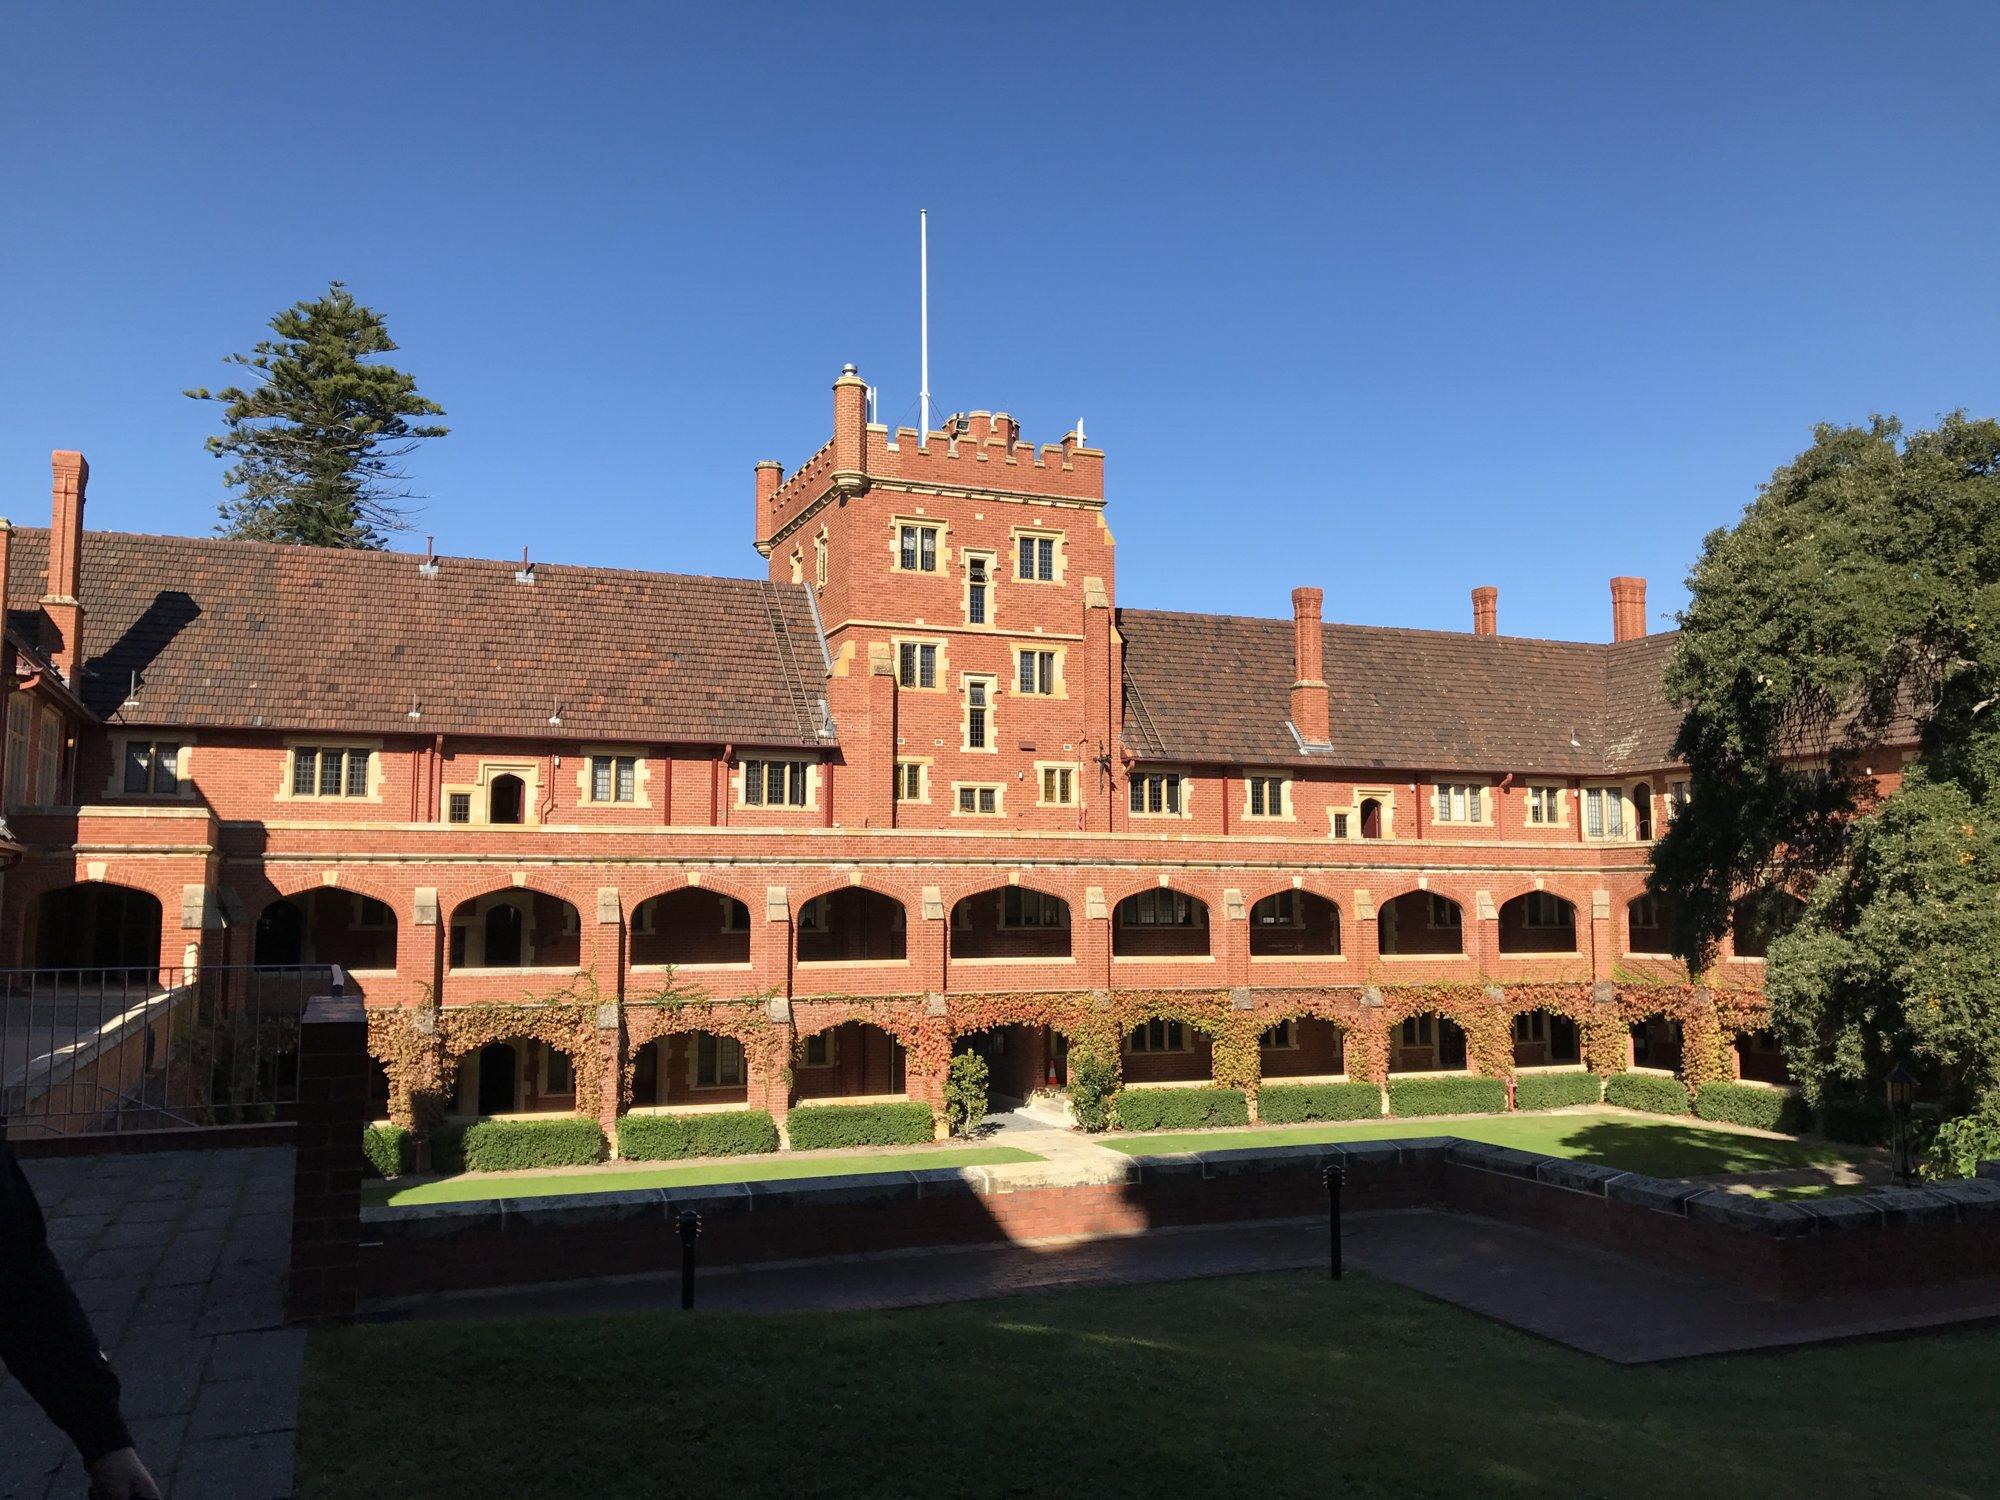 本院坐落于西澳大学对面位于天鹅河与国王公园之间.